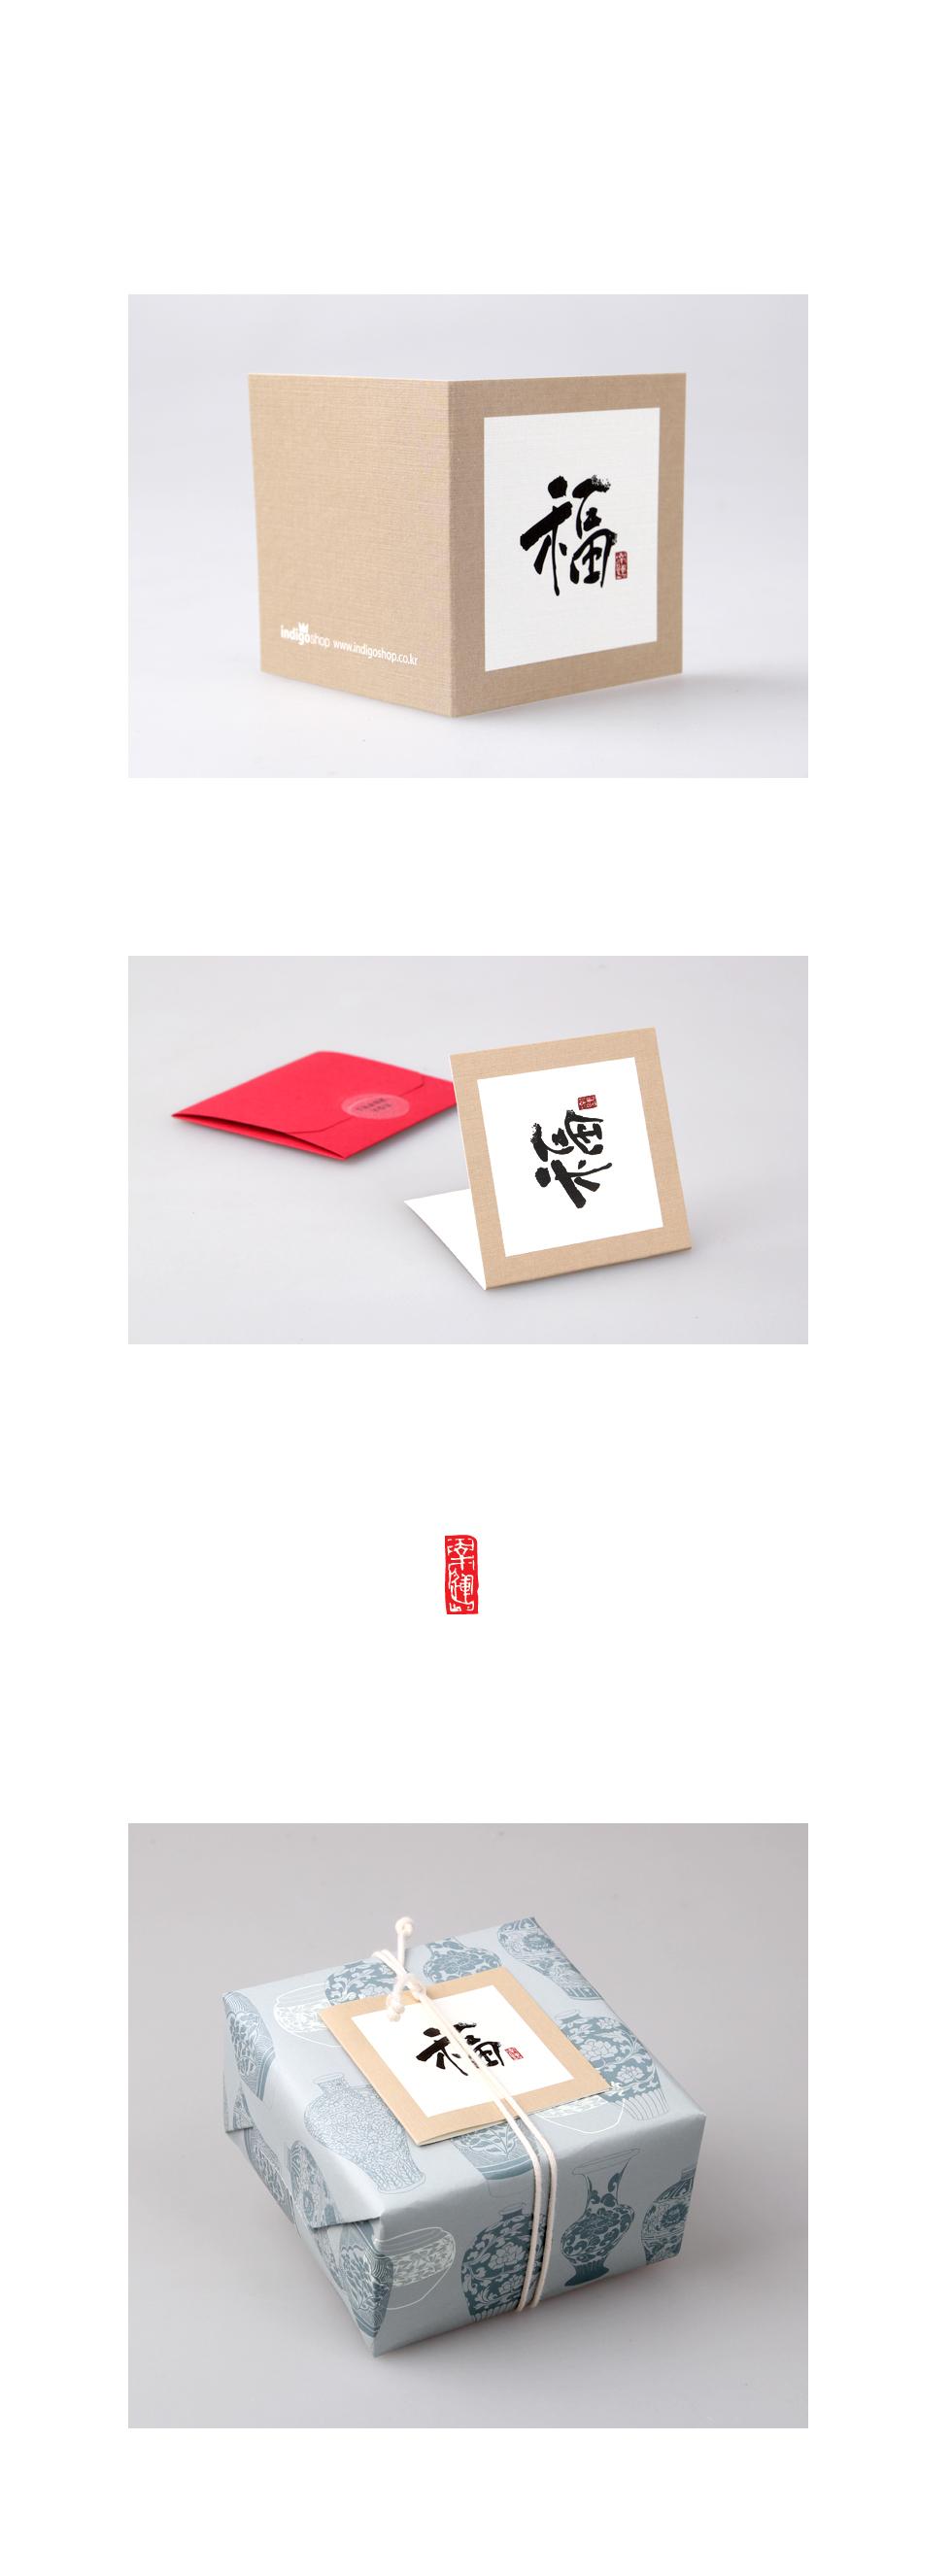 행운복 카드 - 인디고샵, 800원, 카드, 시즌/테마 카드